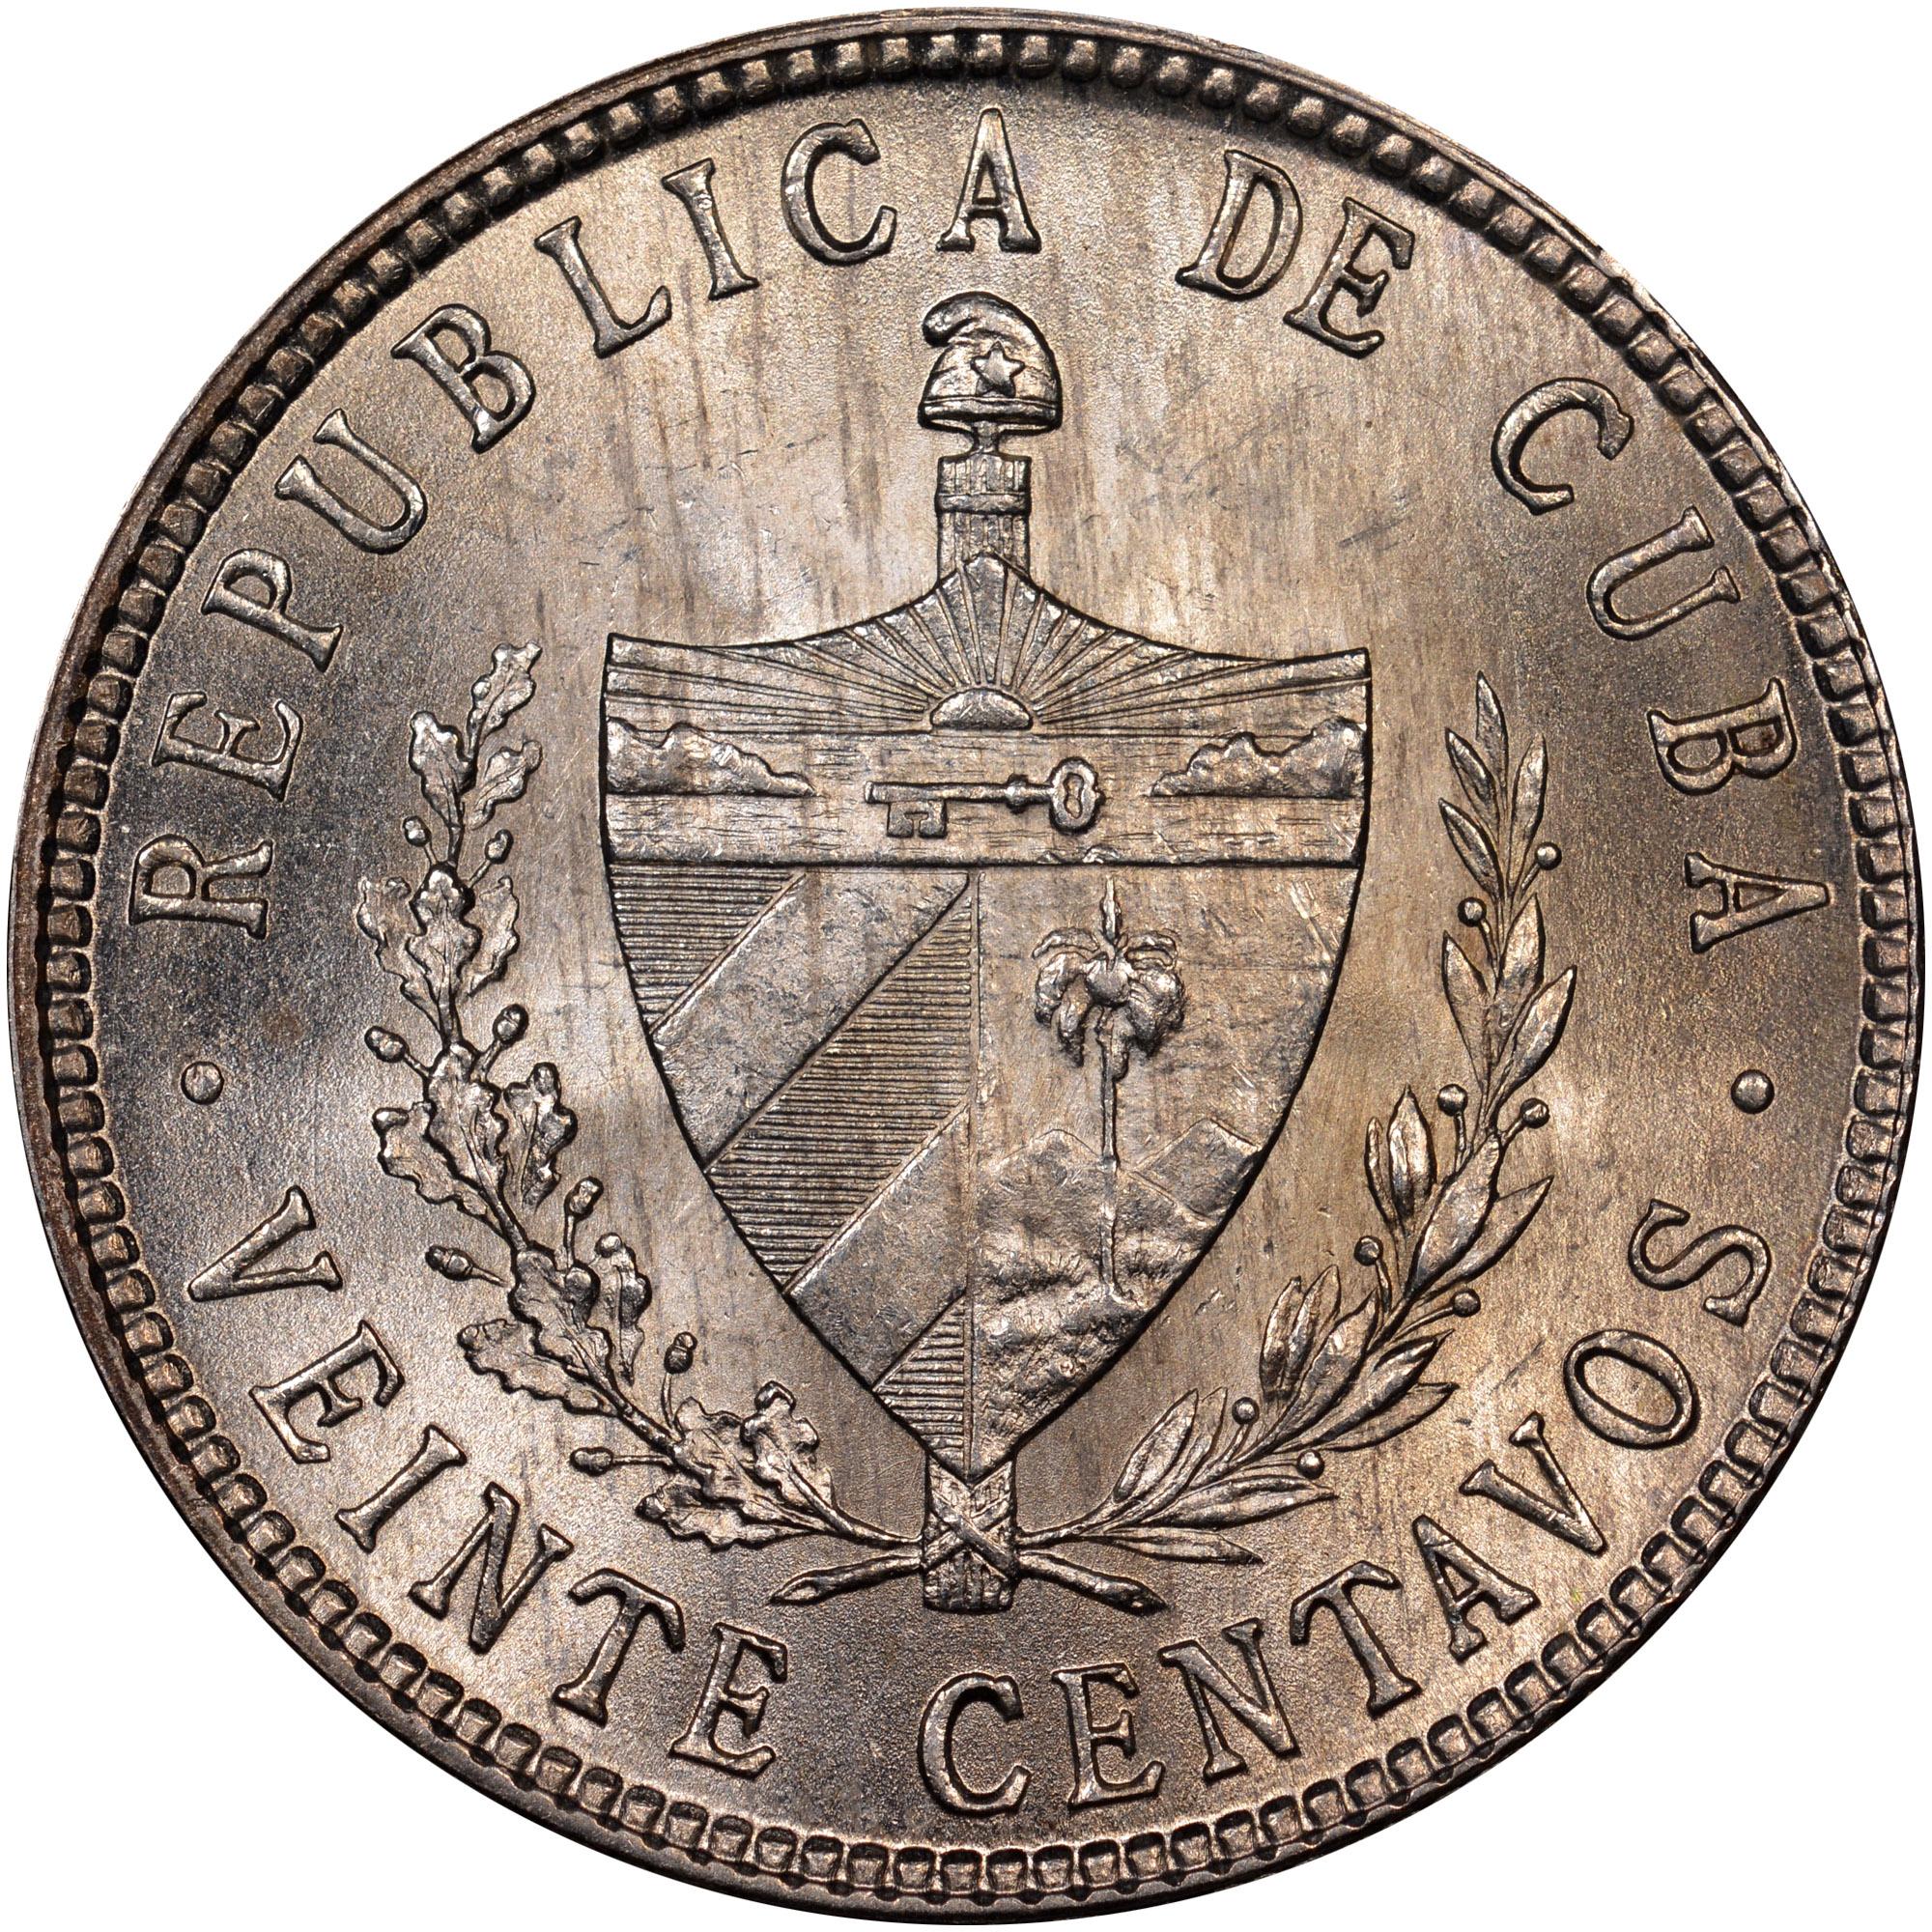 1915-1949 Cuba 20 Centavos obverse